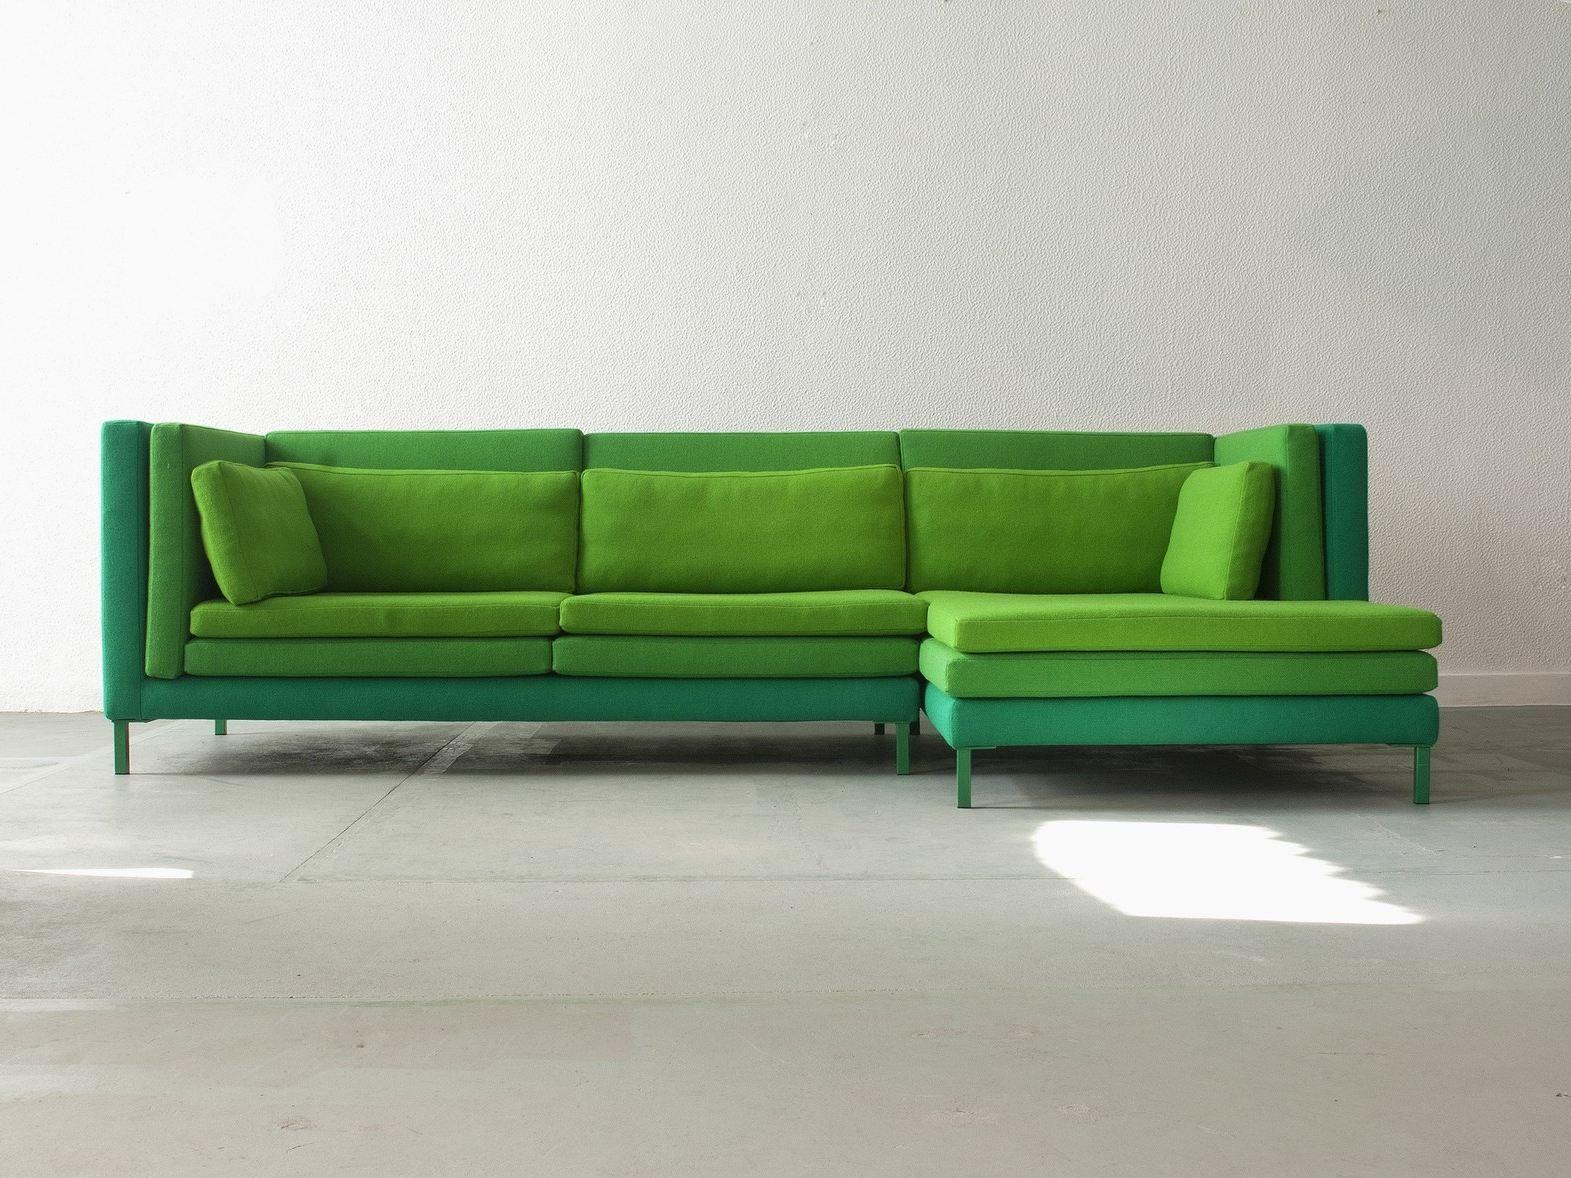 Comprar sofas baratos em lisboa - Compro sofas usados ...